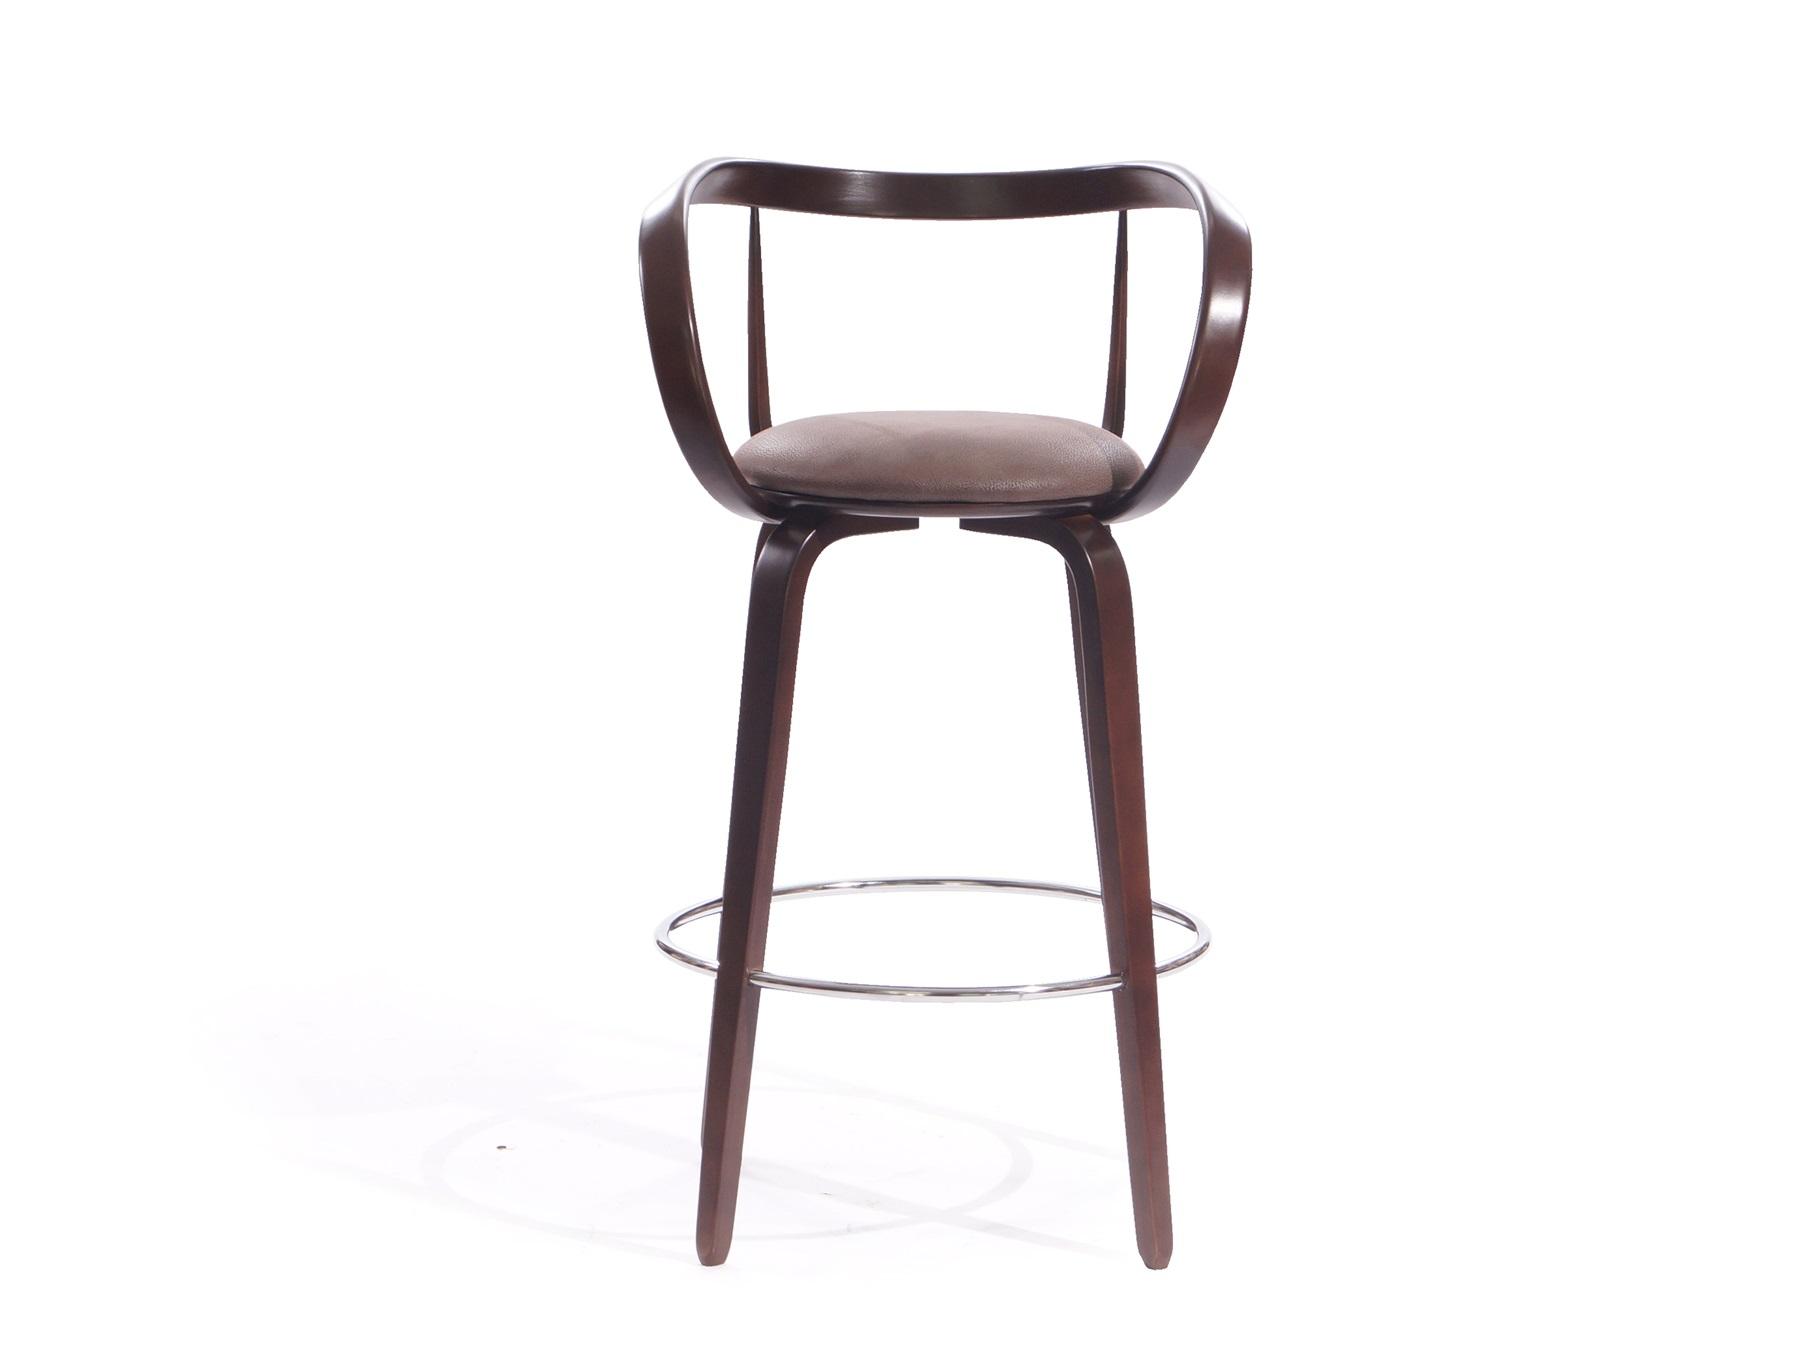 Стул барный AprioriБарные стулья<br>&amp;lt;div&amp;gt;Барный стул из натурального гнутого дерева.&amp;amp;nbsp;&amp;lt;/div&amp;gt;&amp;lt;div&amp;gt;&amp;lt;br&amp;gt;&amp;lt;/div&amp;gt;&amp;lt;div&amp;gt;Высота от пола до верха сидения 70см .&amp;amp;nbsp;&amp;lt;/div&amp;gt;&amp;lt;div&amp;gt;Материал: Натуральное дерево,береза, цвет: венге.&amp;amp;nbsp;&amp;lt;/div&amp;gt;&amp;lt;div&amp;gt;Обивка: Ткань, цвет: гранд каньон.&amp;lt;/div&amp;gt;<br><br>Material: Текстиль<br>Length см: 50<br>Width см: 45<br>Depth см: None<br>Height см: 100<br>Diameter см: None